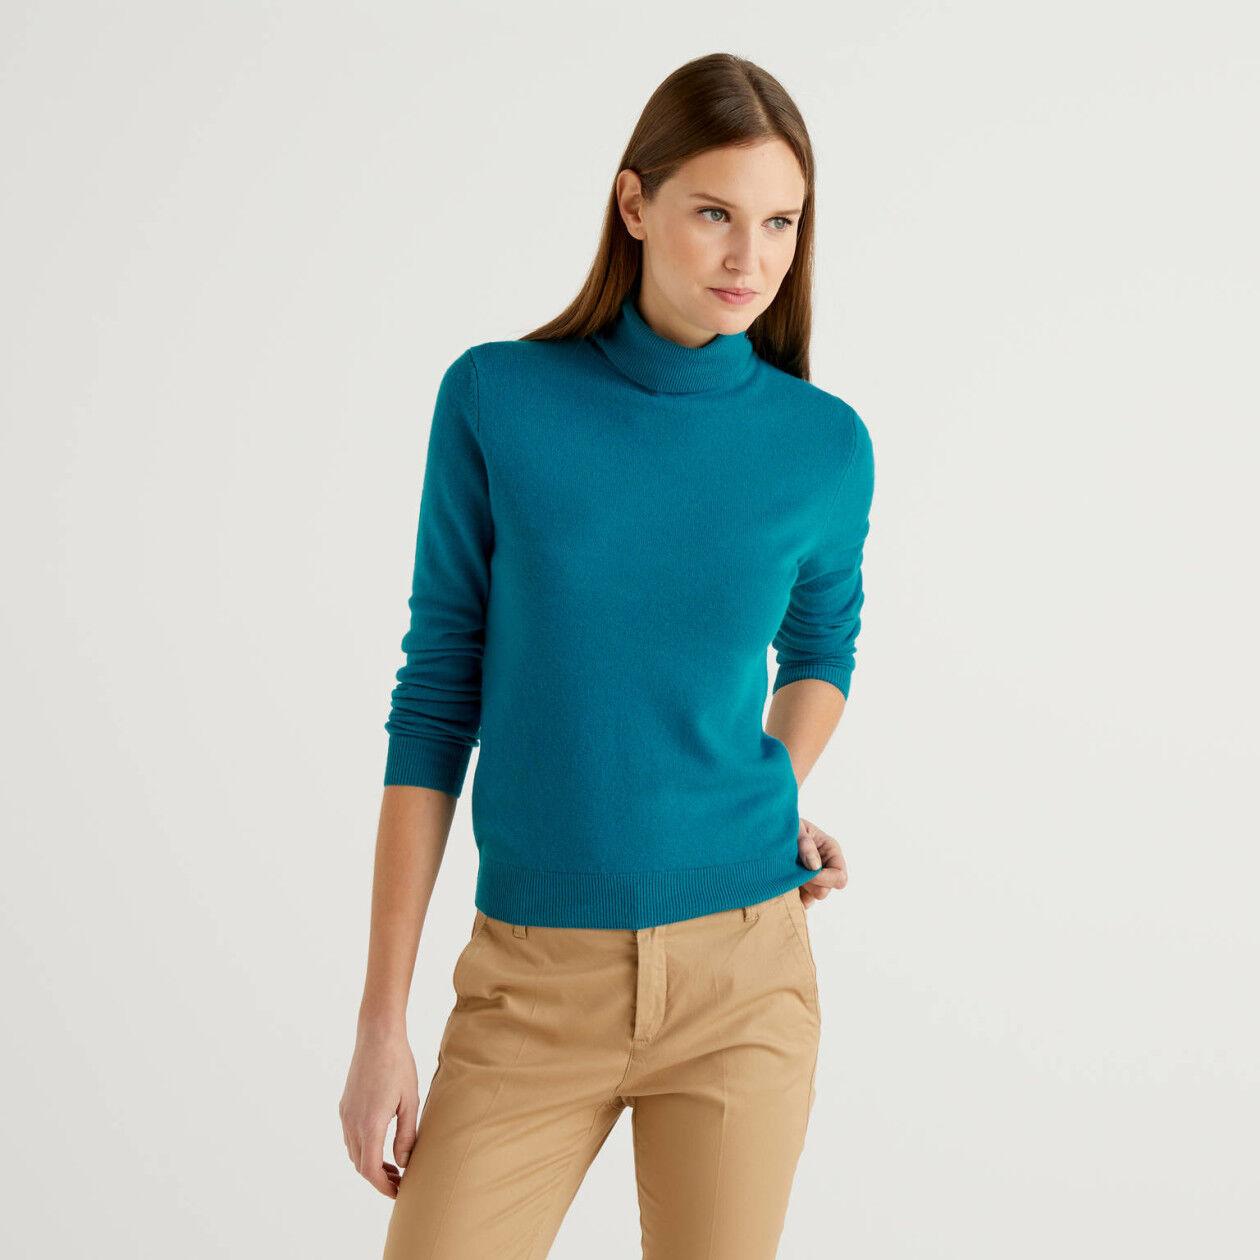 Maglione dolcevita ottanio in pura lana vergine